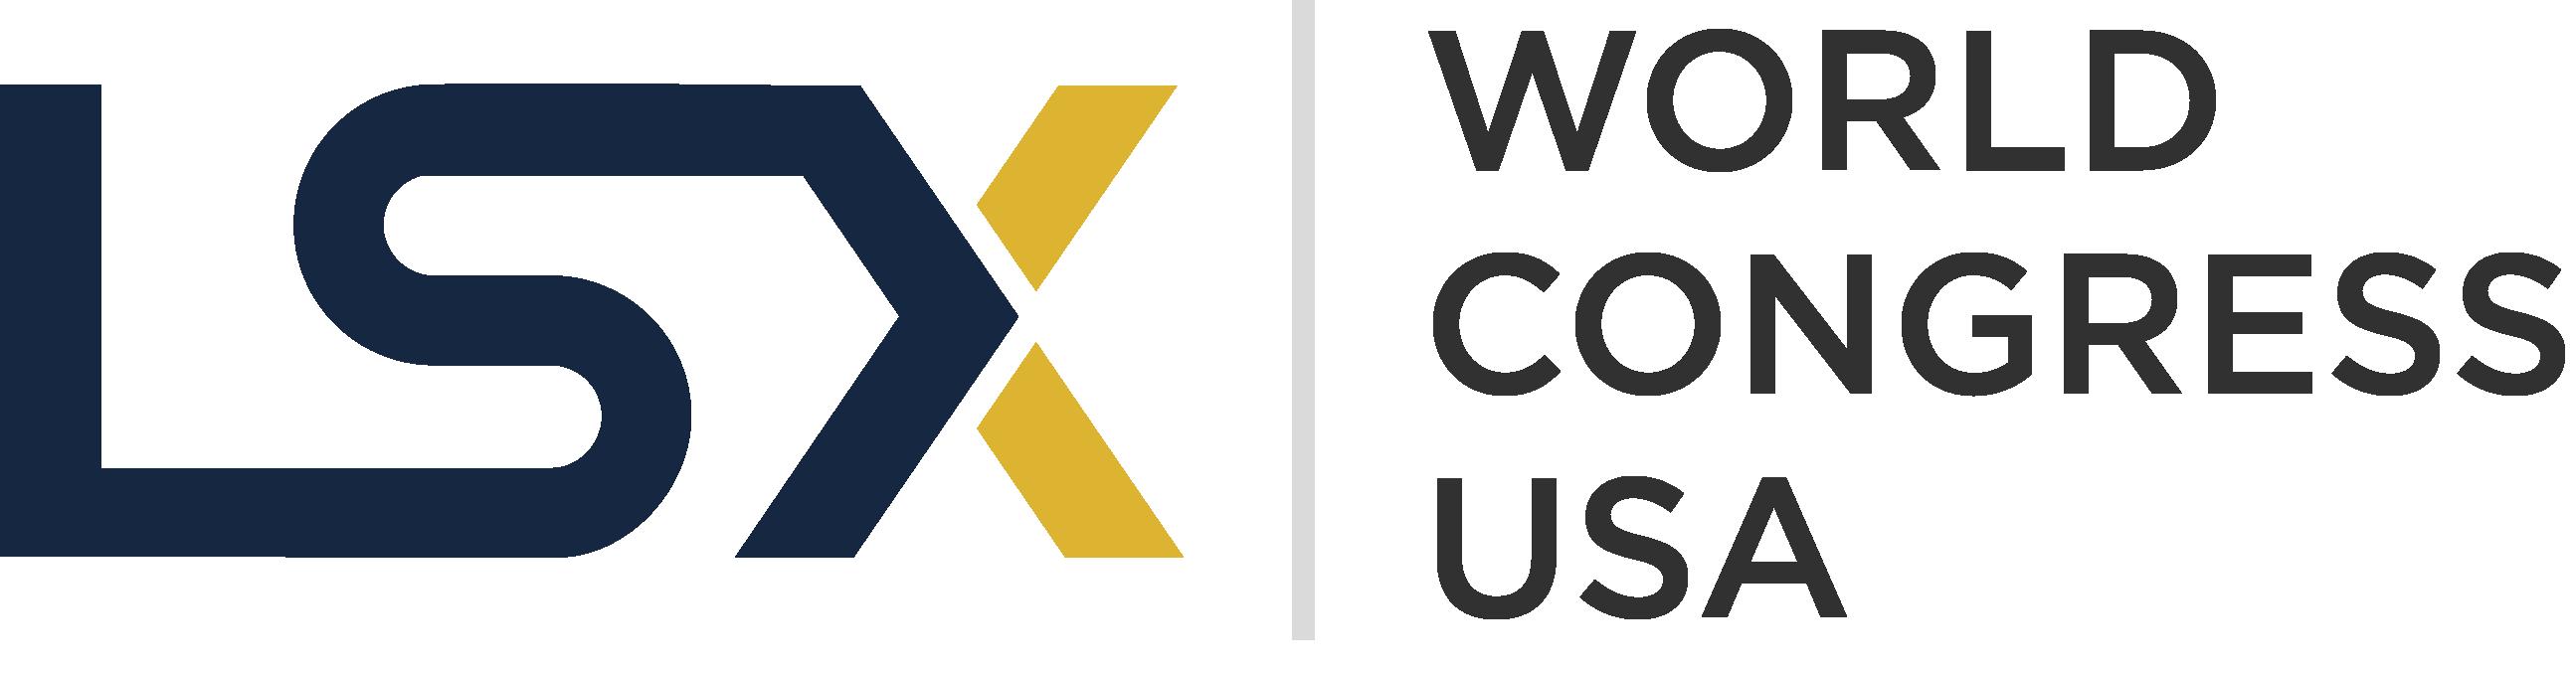 LSX World Congress USA-1.png